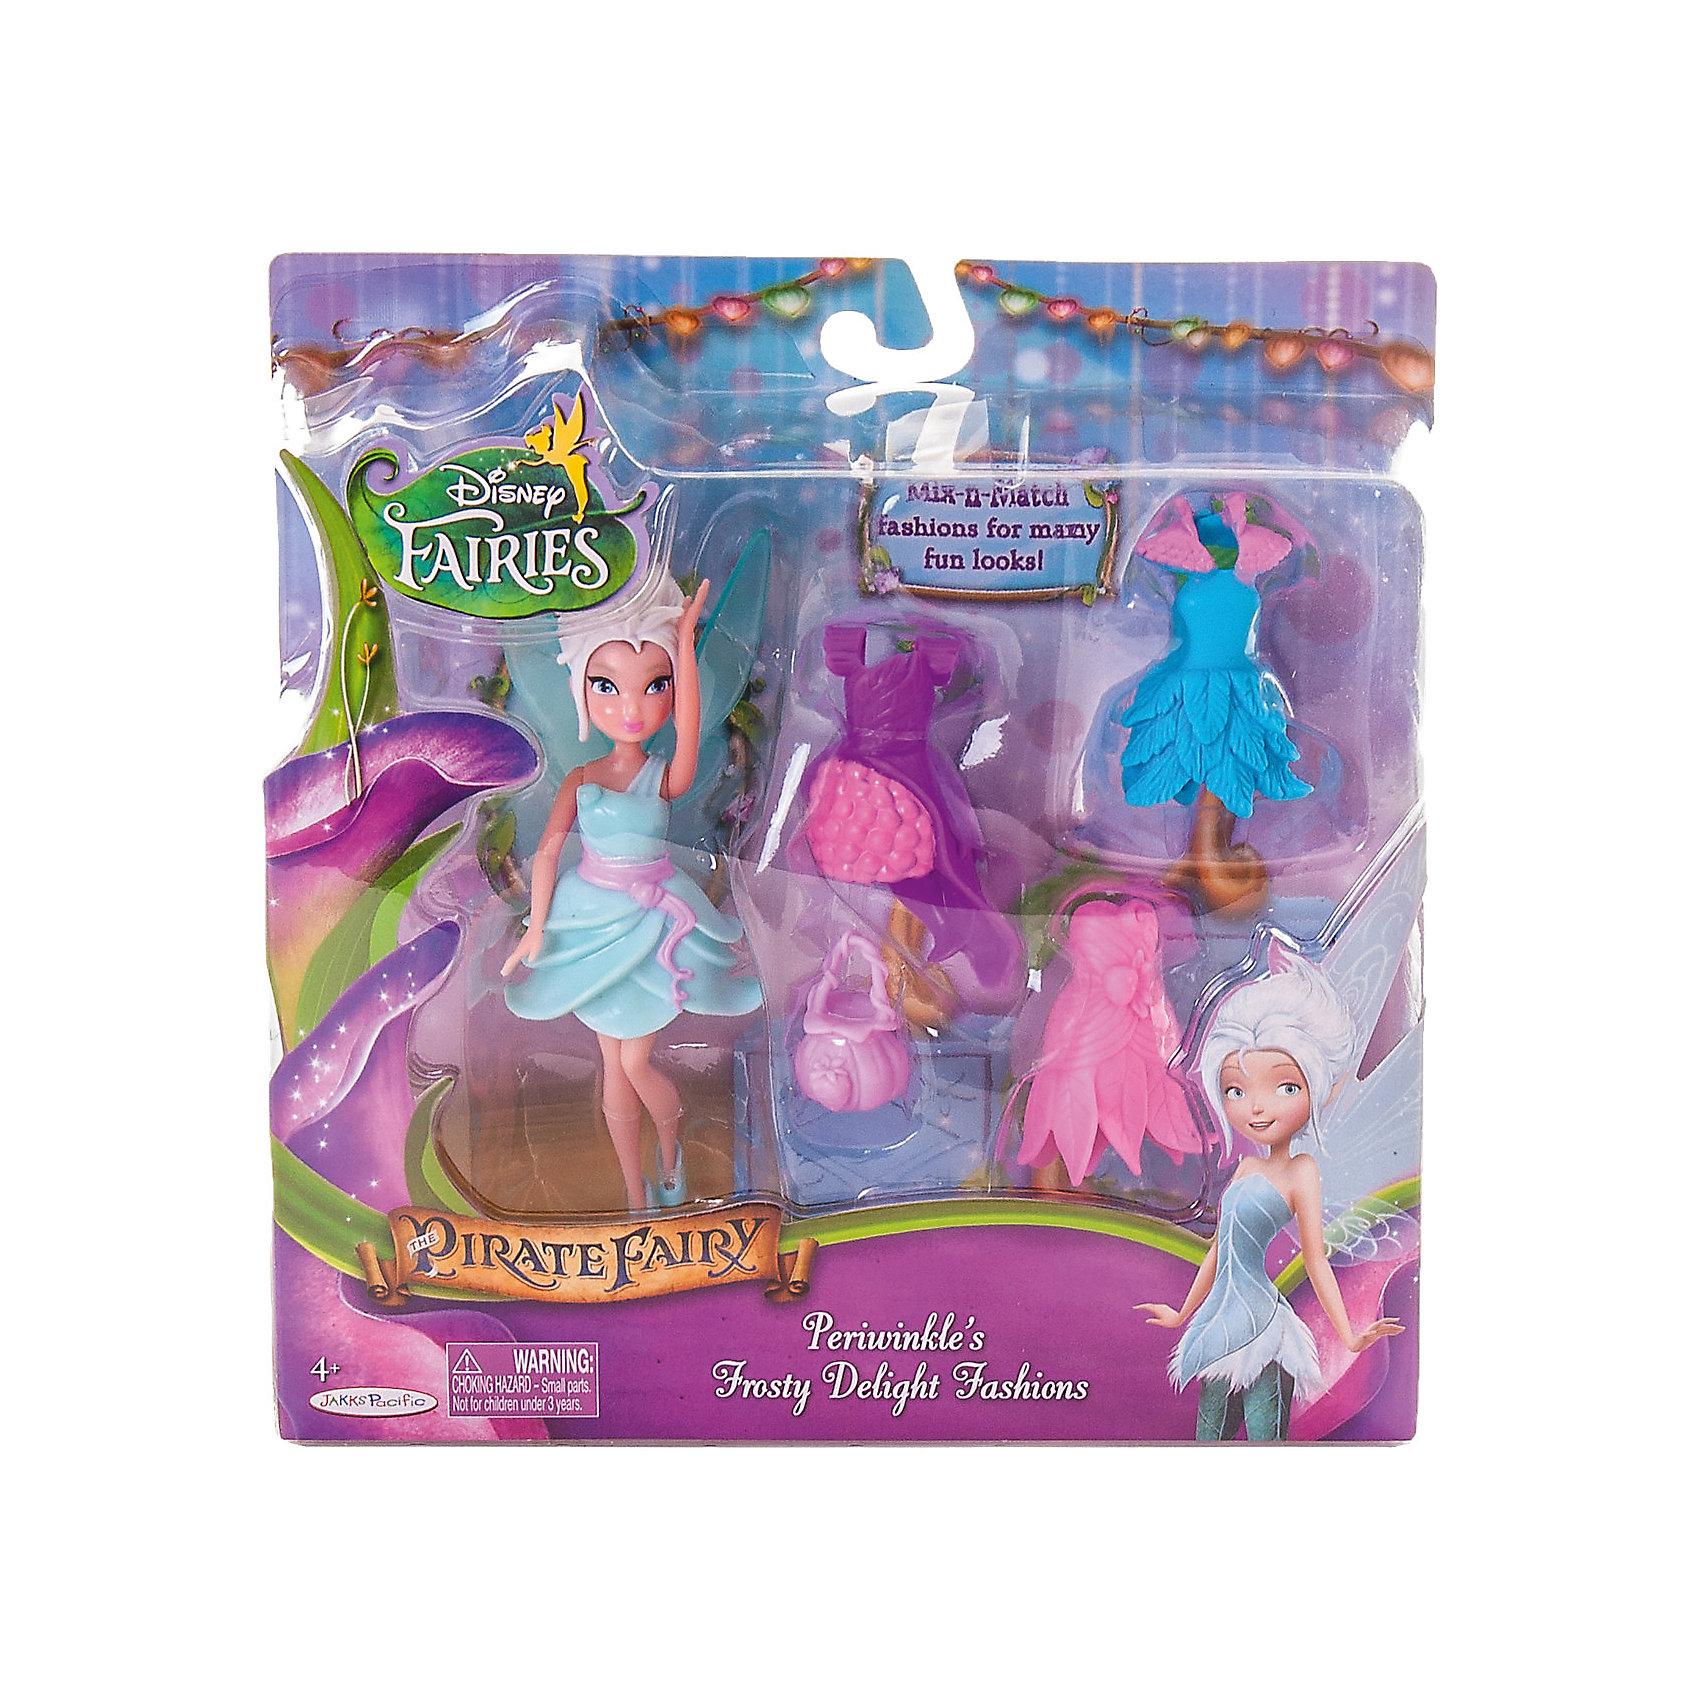 Фея Диснея с 3 платьями, Незабука, 11 смМини-куклы<br>Характеристики товара:<br><br>- цвет: разноцветный;<br>- материал: пластик;<br>- подвижные части тела;<br>- комплектация: кукла, аксессуары;<br>- размер упаковки: 25х6х25 см.<br>- размер куклы: 11 см.<br><br>Эти симпатичные куклы в виде фей из диснеевского мультфильма «Тайны зимнего леса» от известного бренда не оставят девочку равнодушной! Какая девочка сможет отказаться поиграть с куклами, которых можно переодевать благодаря набору аксессуаров?! В комплект входят наряды и аксессуары. Игрушка очень качественно выполнена, поэтому она станет замечательным подарком ребенку. <br>Продается набор в красивой удобной упаковке. Изделие произведено из высококачественного материала, безопасного для детей.<br><br>Мини-куклу Фея, с 3 платьями, голубая, Феи Дисней, можно купить в нашем интернет-магазине.<br><br>Ширина мм: 205<br>Глубина мм: 205<br>Высота мм: 50<br>Вес г: 177<br>Возраст от месяцев: 36<br>Возраст до месяцев: 2147483647<br>Пол: Женский<br>Возраст: Детский<br>SKU: 5140245